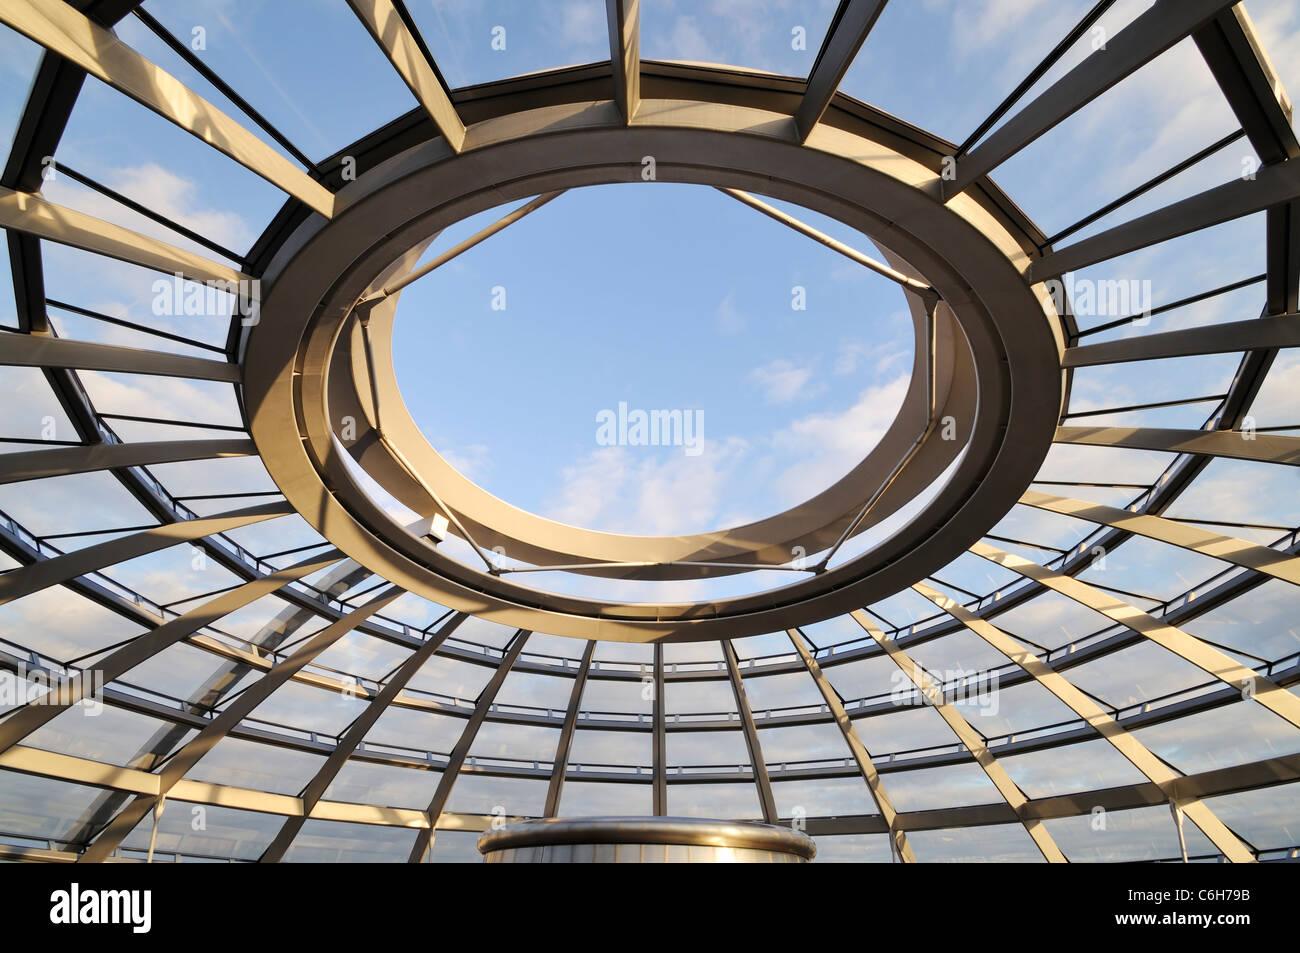 Sky View de la cúpula del Reichstag desde el interior. Parte superior del Reichstag, el edificio del parlamento Imagen De Stock